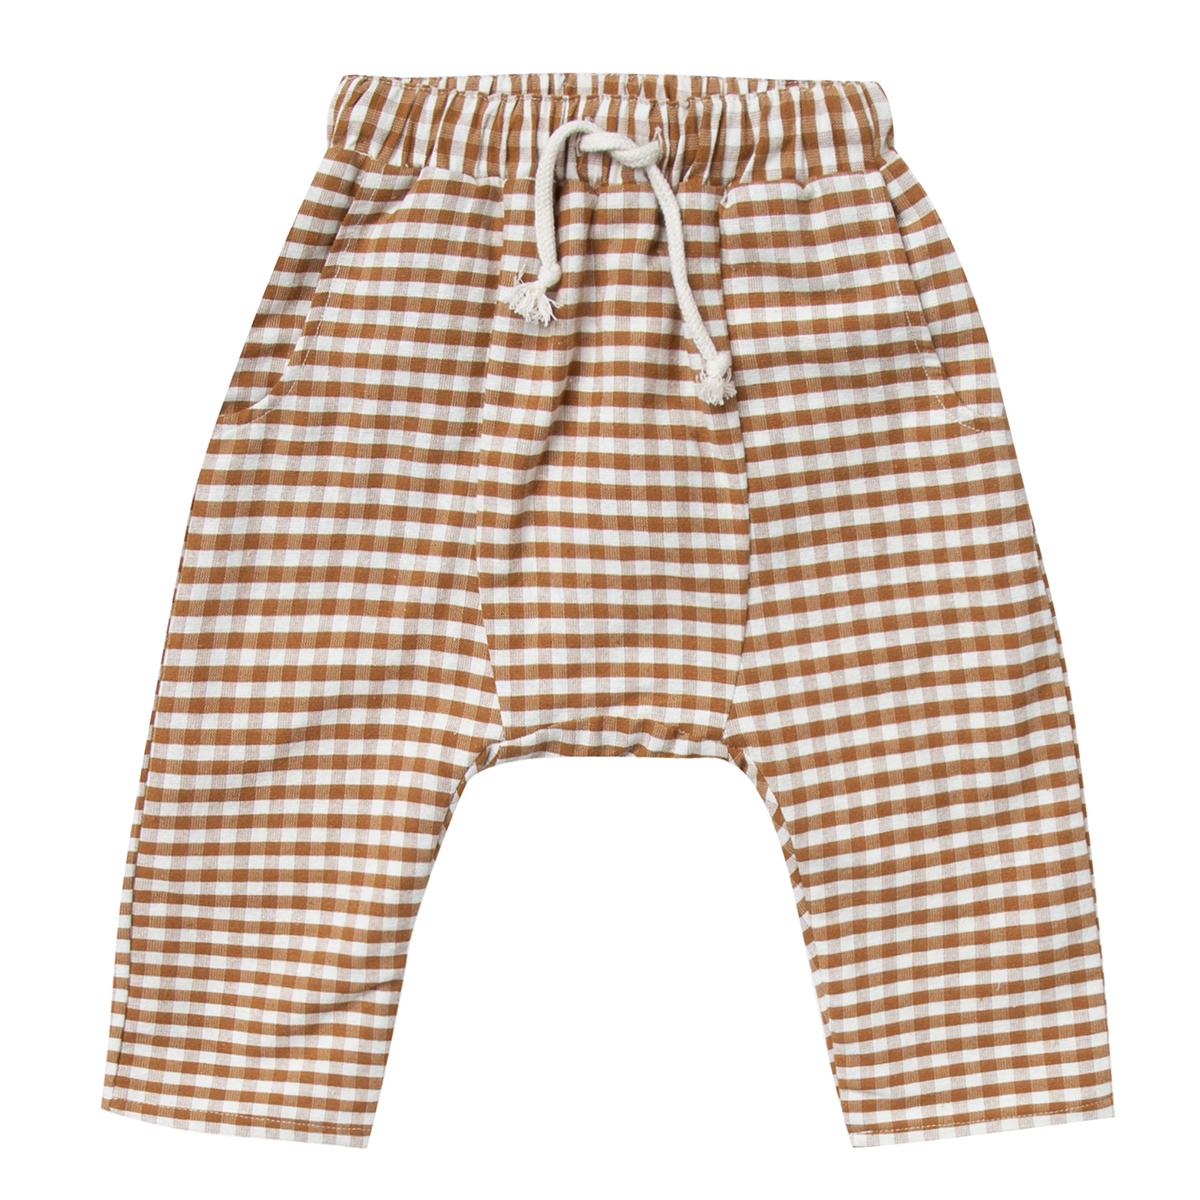 Bas Bébé Pantalon Vichy Ivoire - 18/24 Mois Pantalon Vichy Ivoire - 18/24 Mois